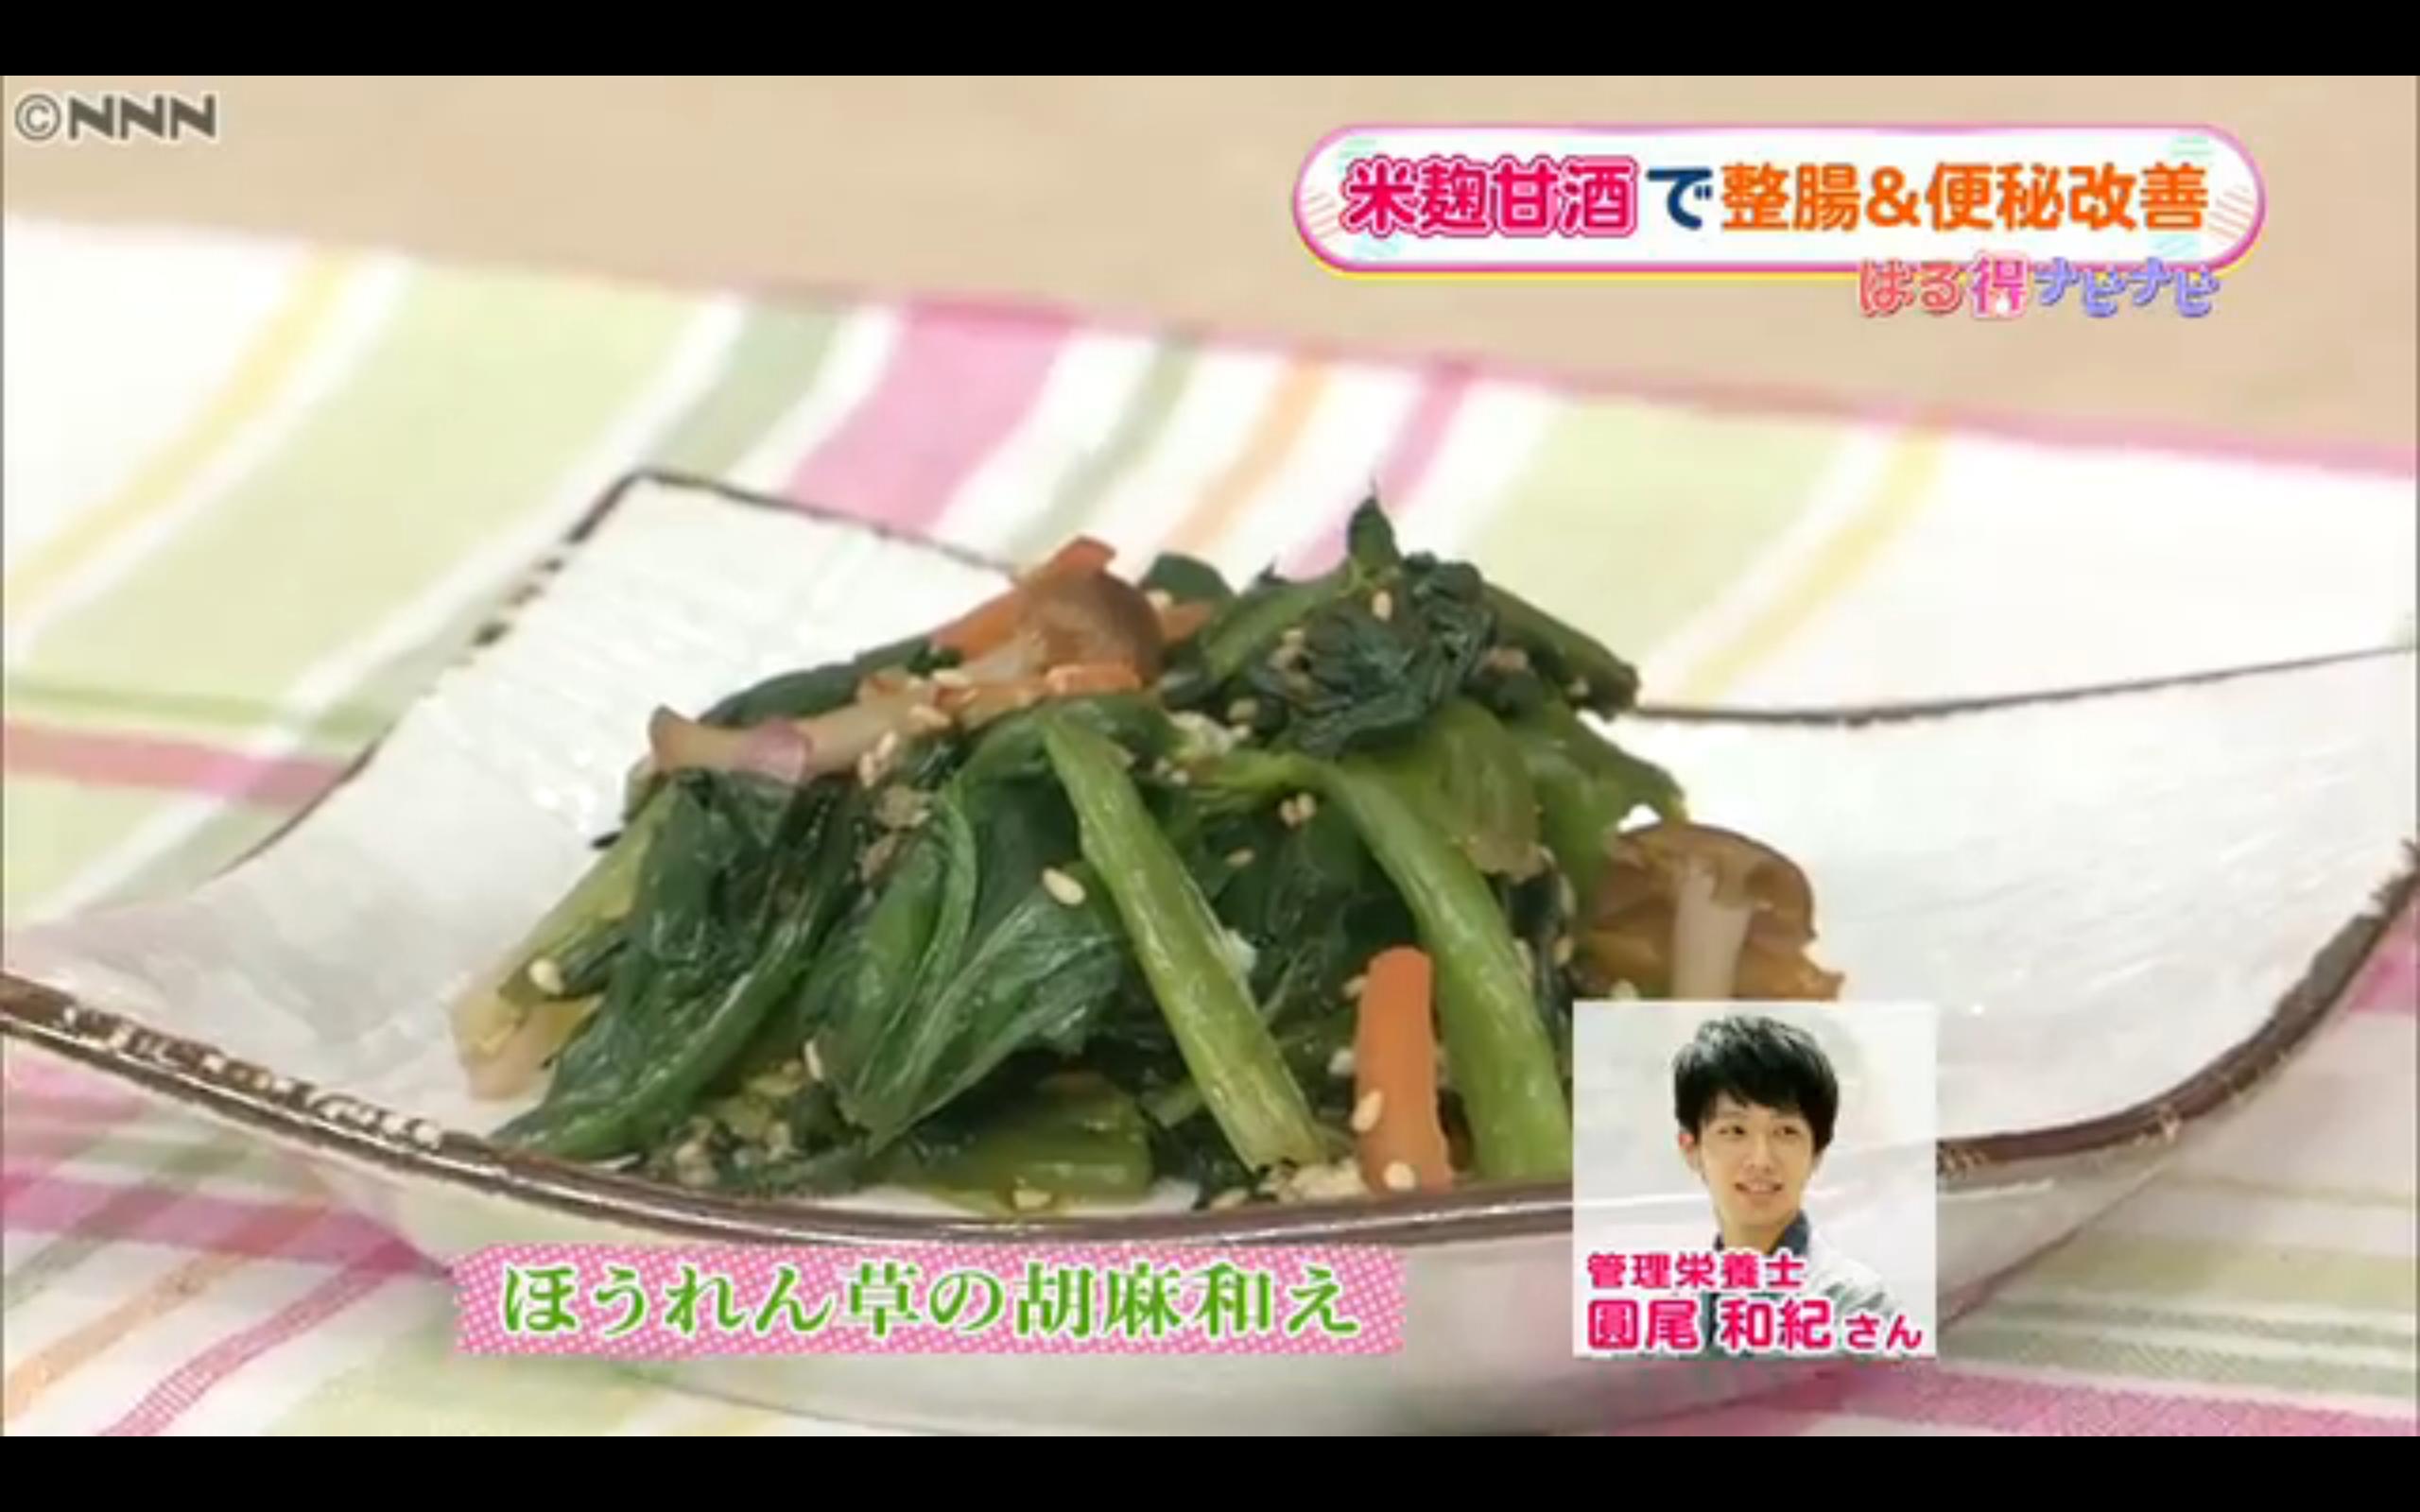 日本テレビ「Oha!4 NEWS LIVE」にてレシピを提供させていただきました!